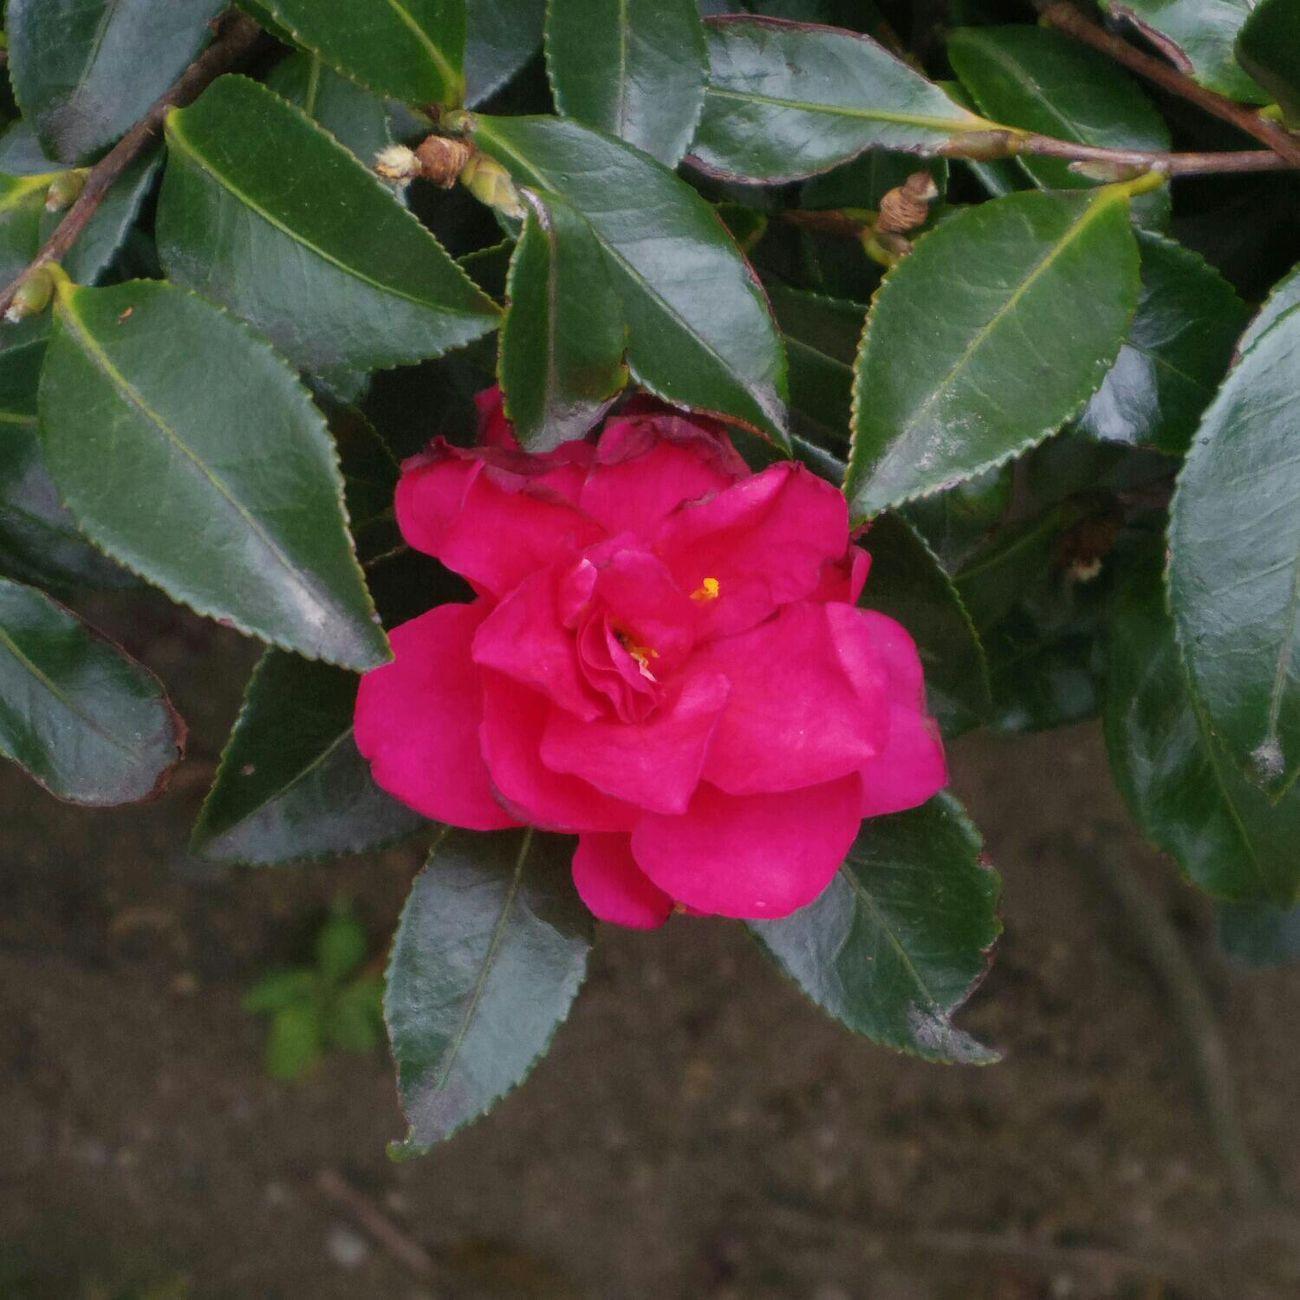 冬の名残りのサザンカでしょうか。 花 Pentax Q10 Flower Camellia